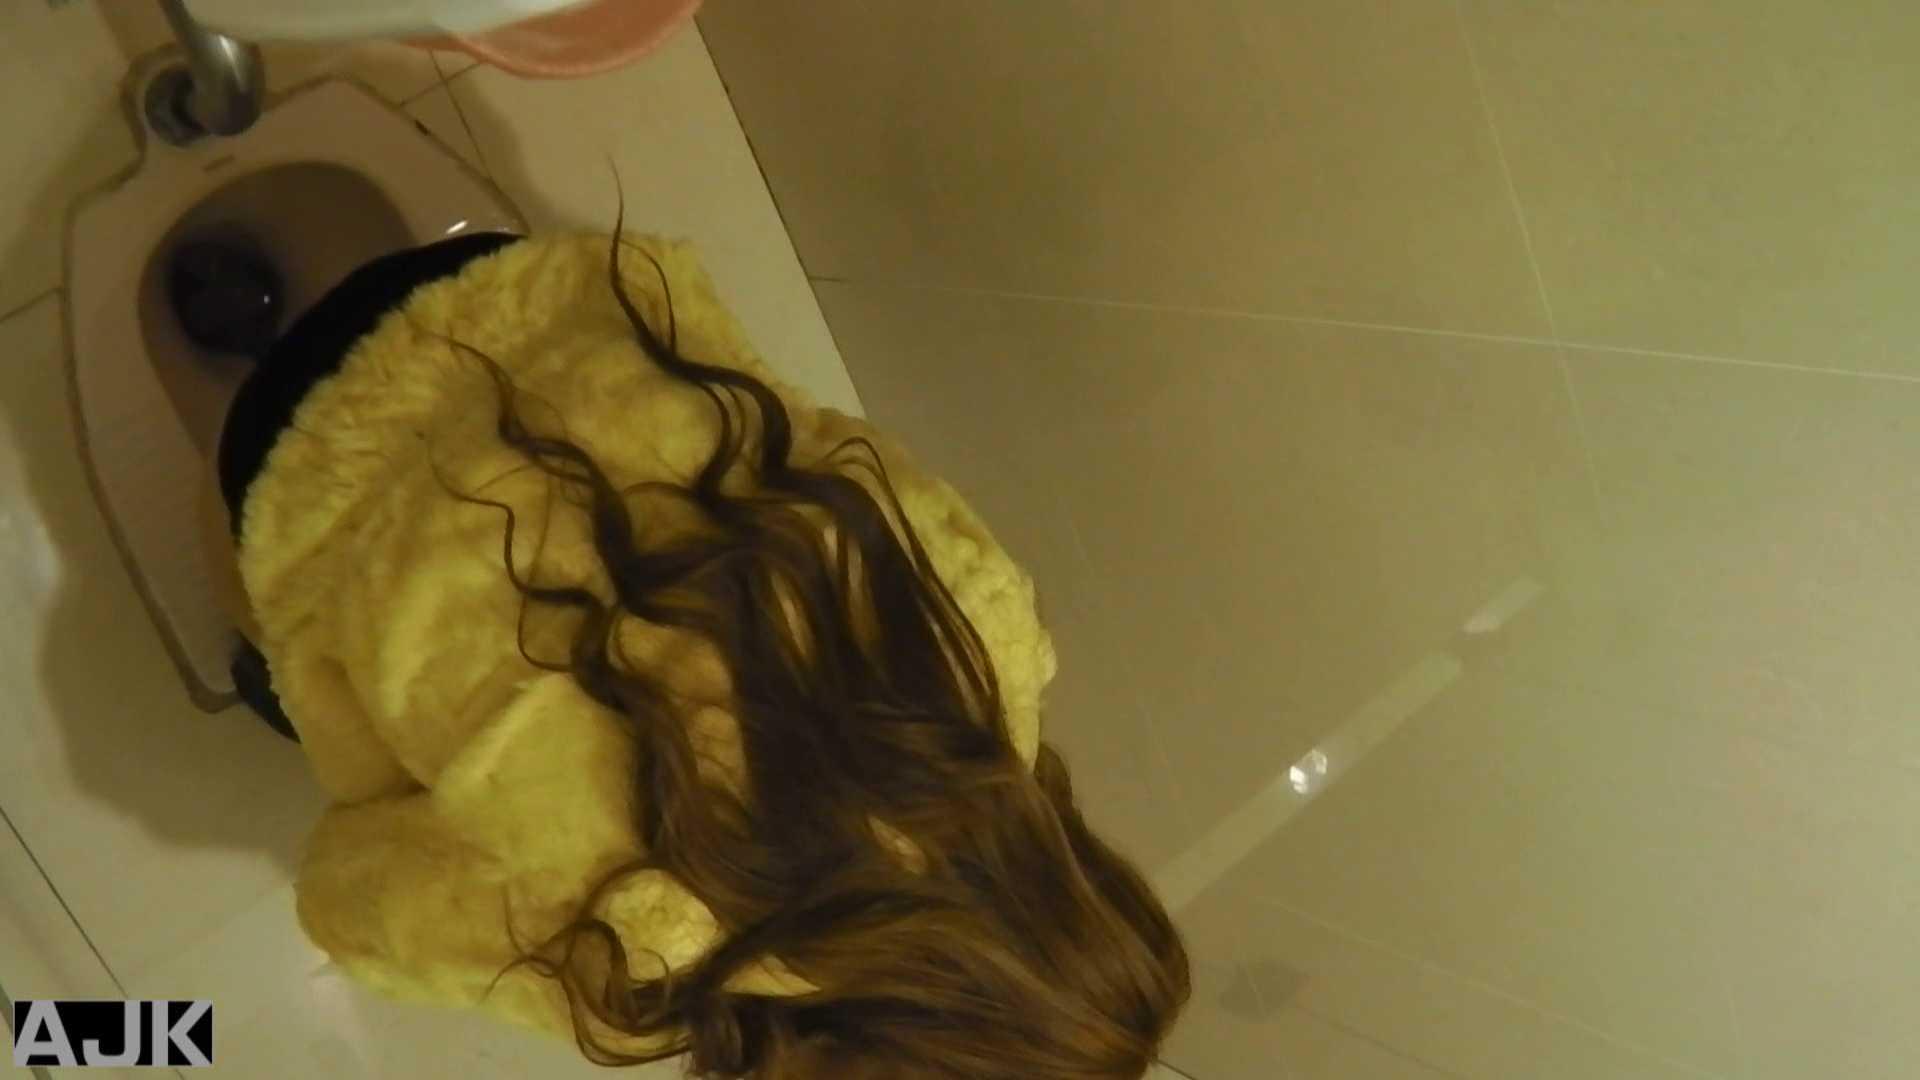 隣国上階級エリアの令嬢たちが集うデパートお手洗い Vol.09 マンコ スケベ動画紹介 73画像 59